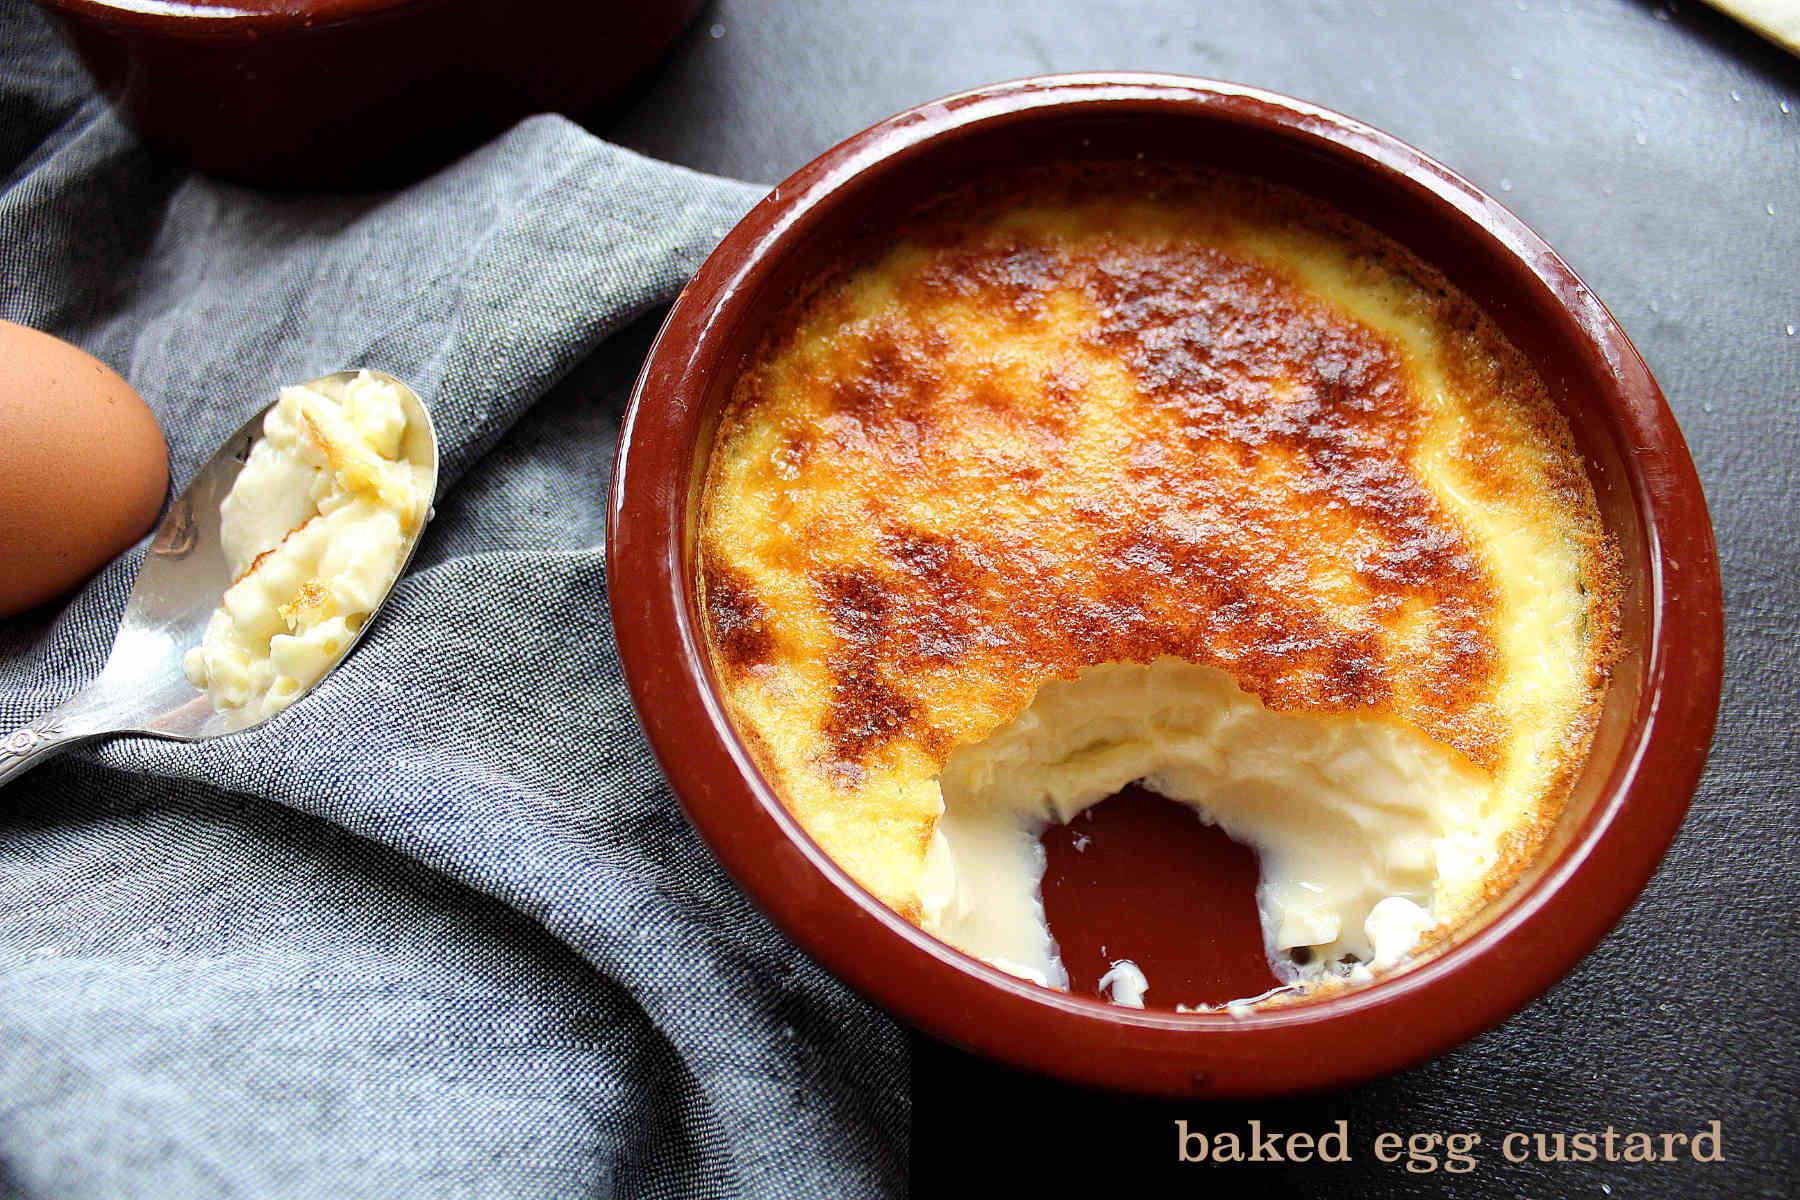 Baked egg custard